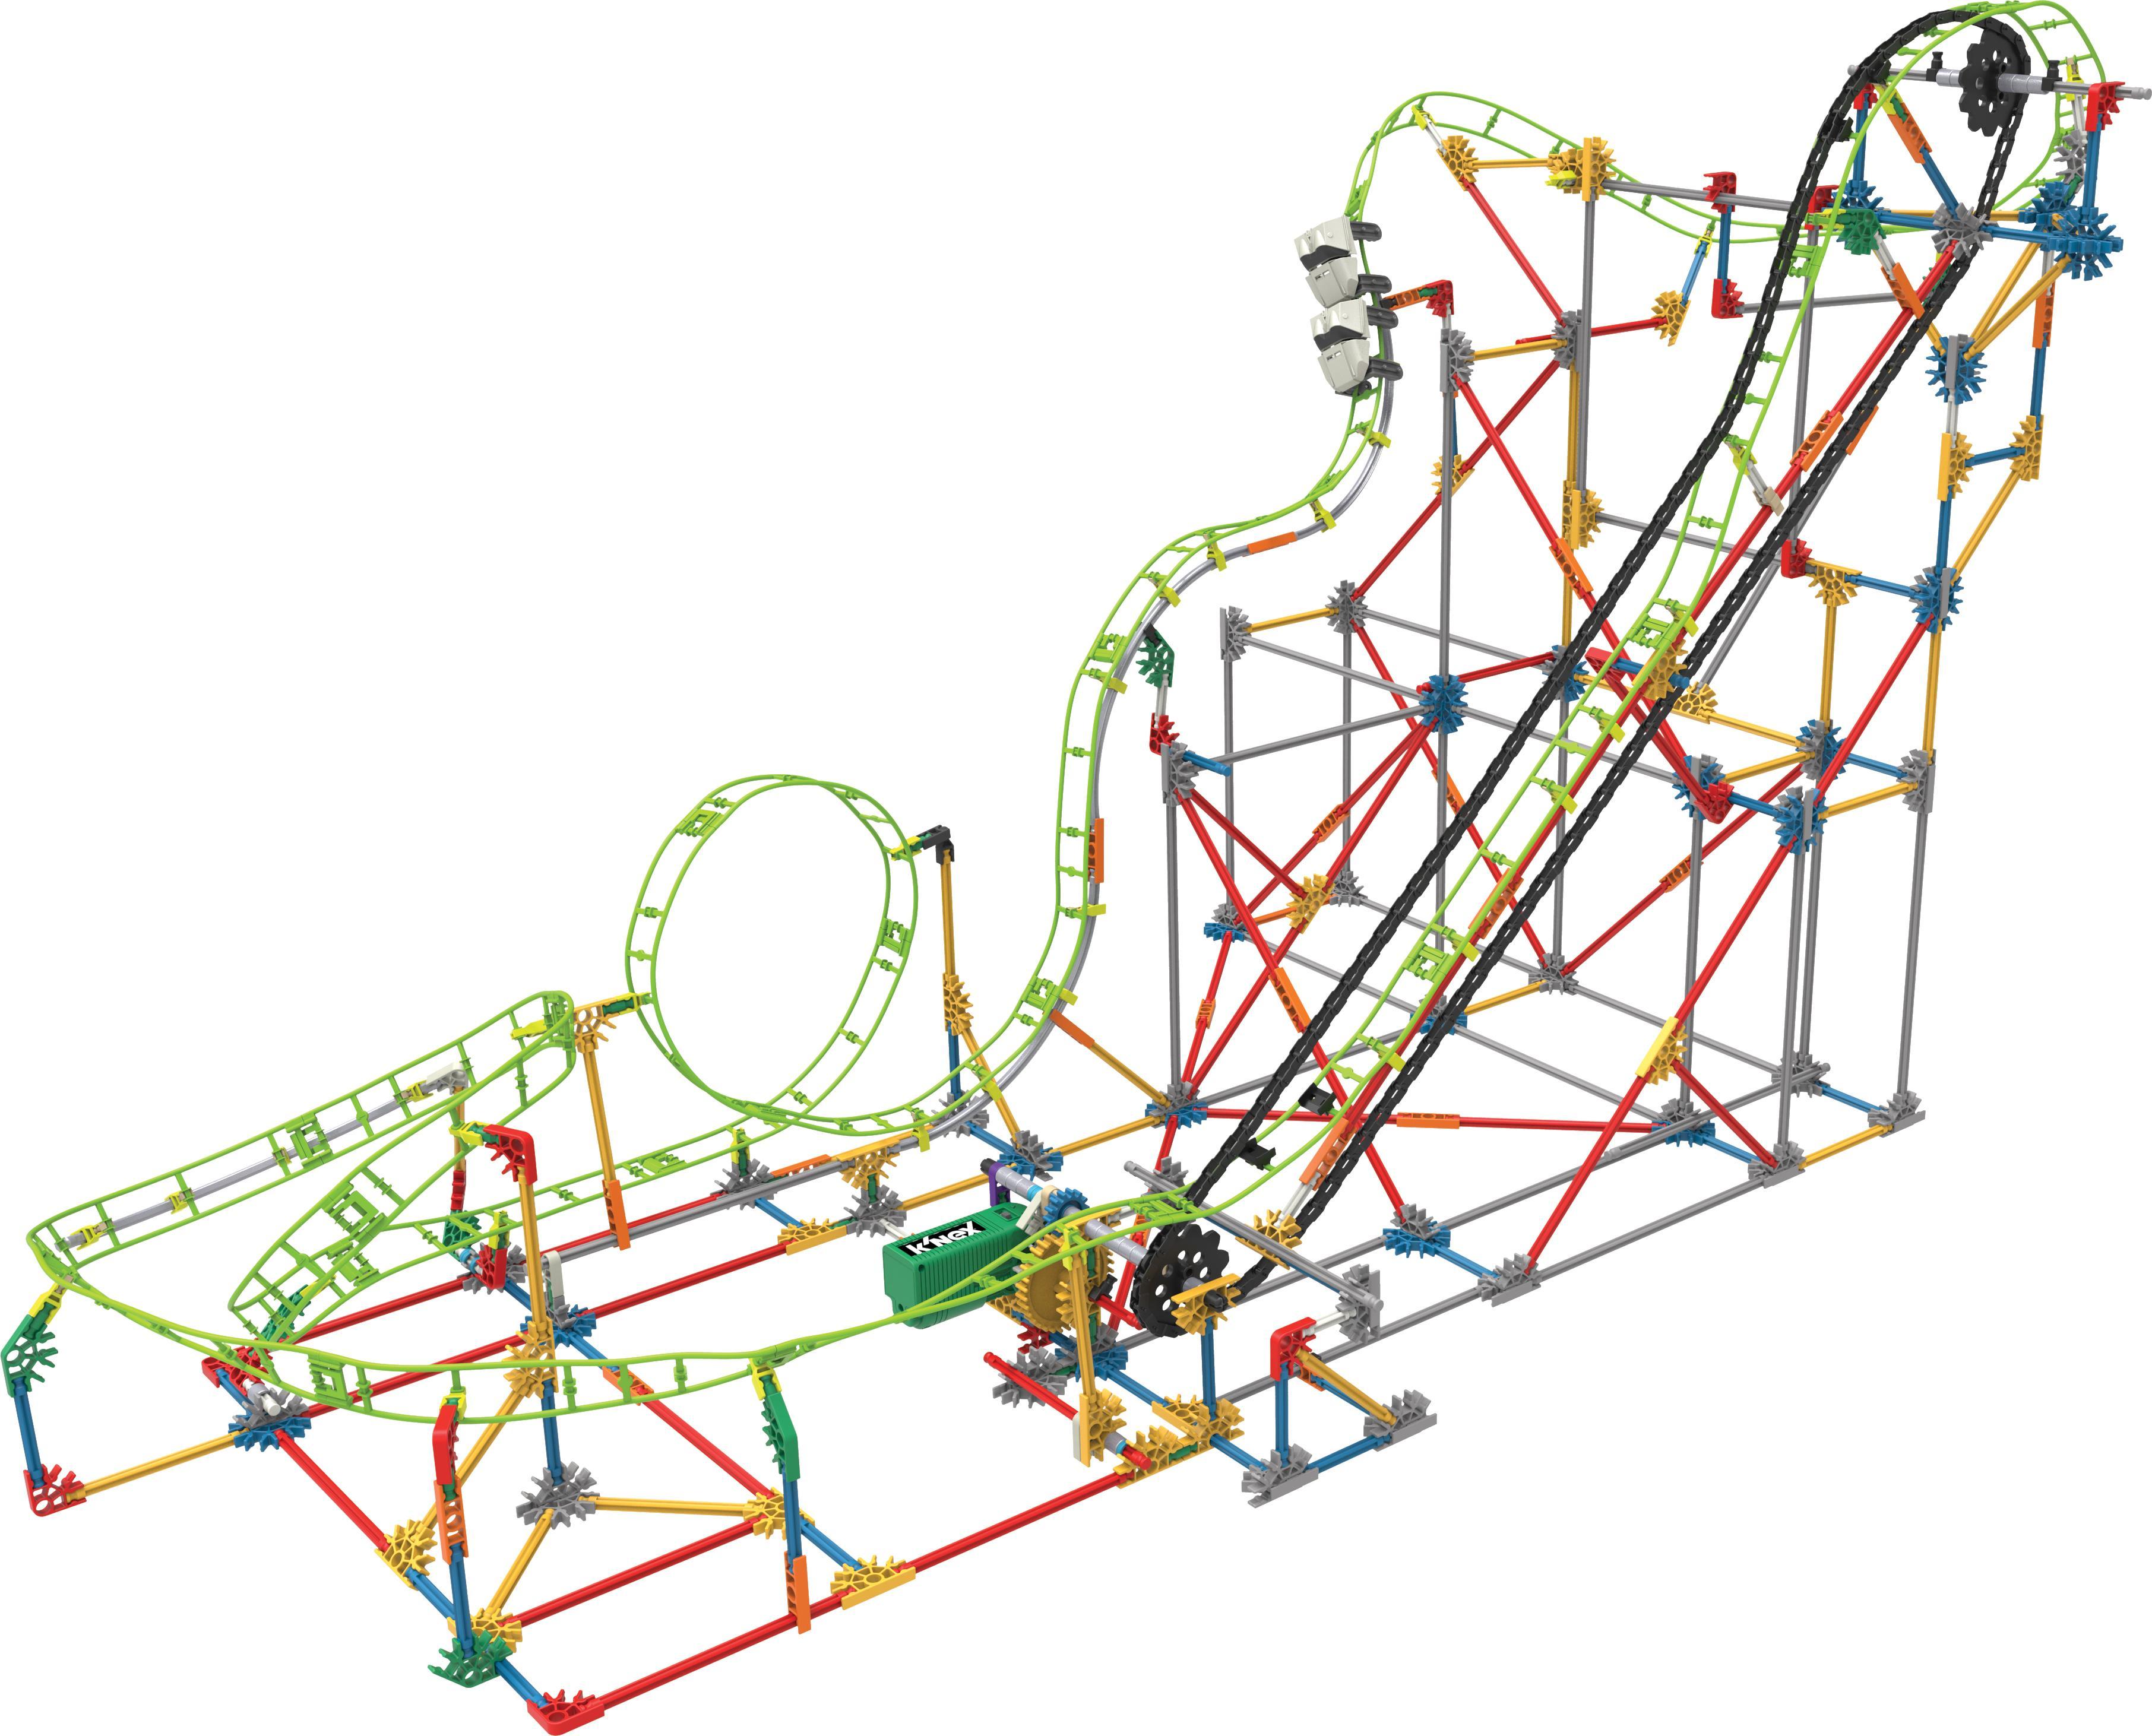 KNEX Hornet Swarm Roller Coaster Building Set  ~NEW~